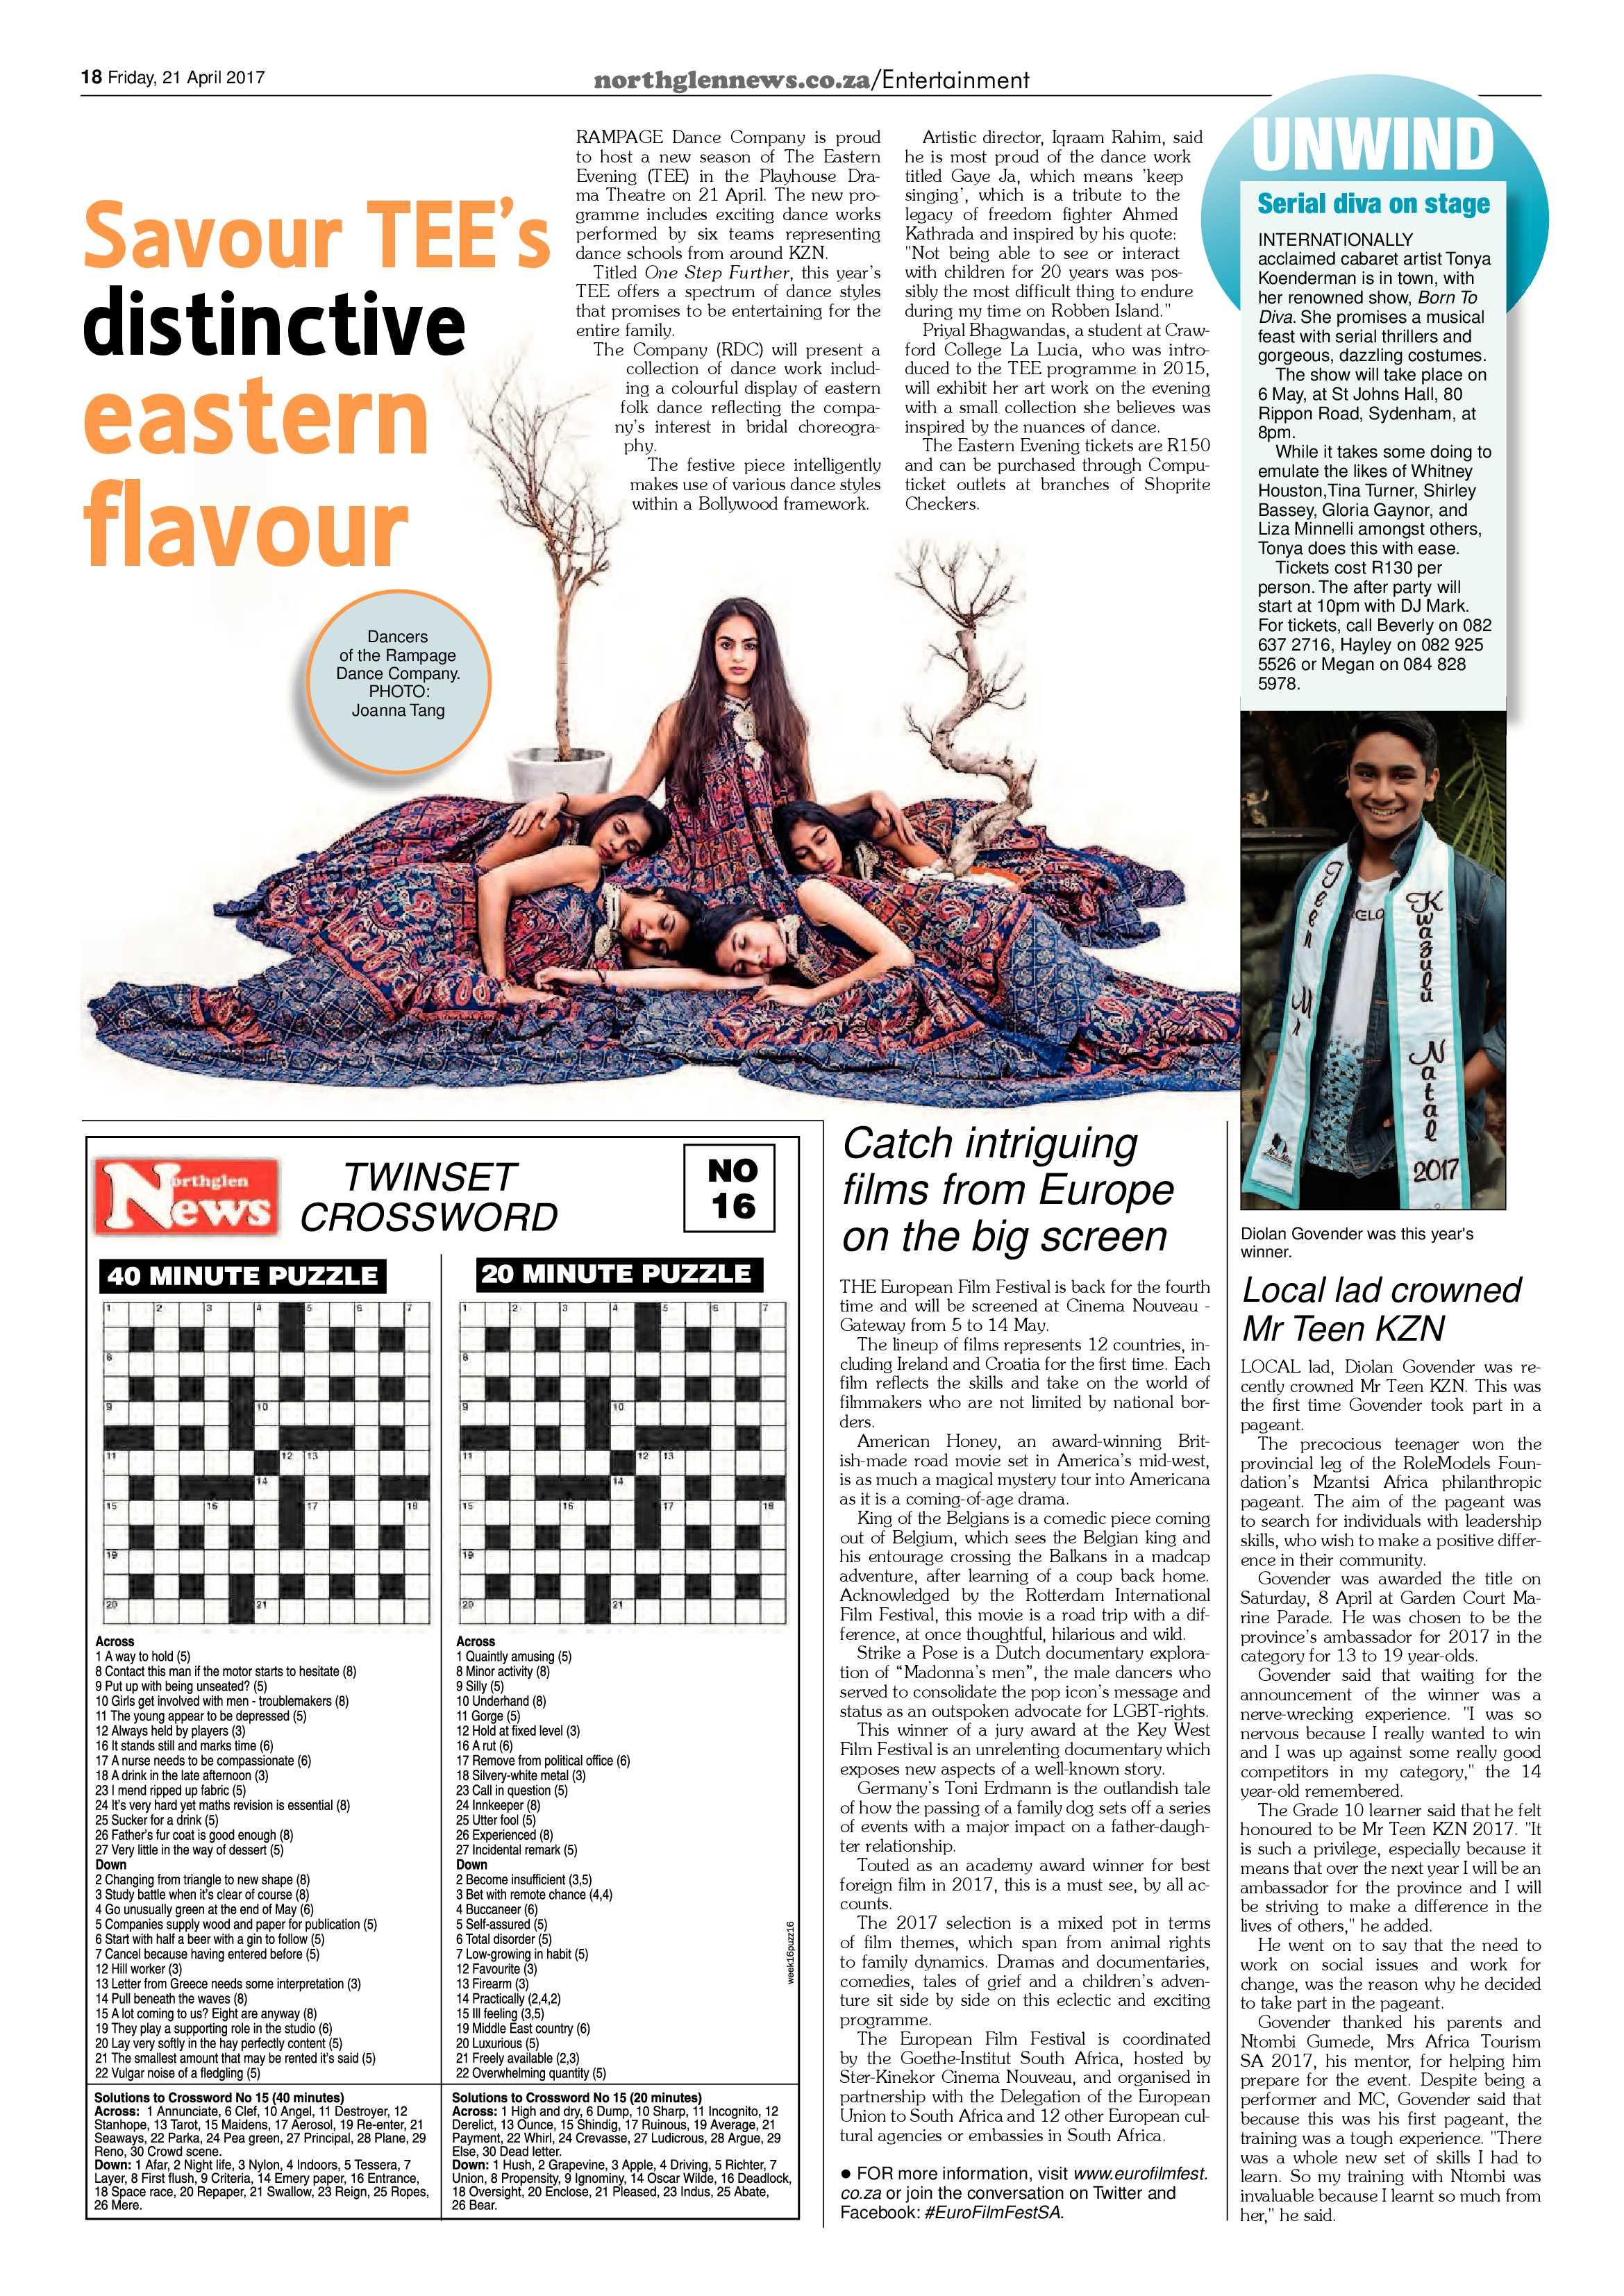 northglen-news-21-april-2017-epapers-page-18